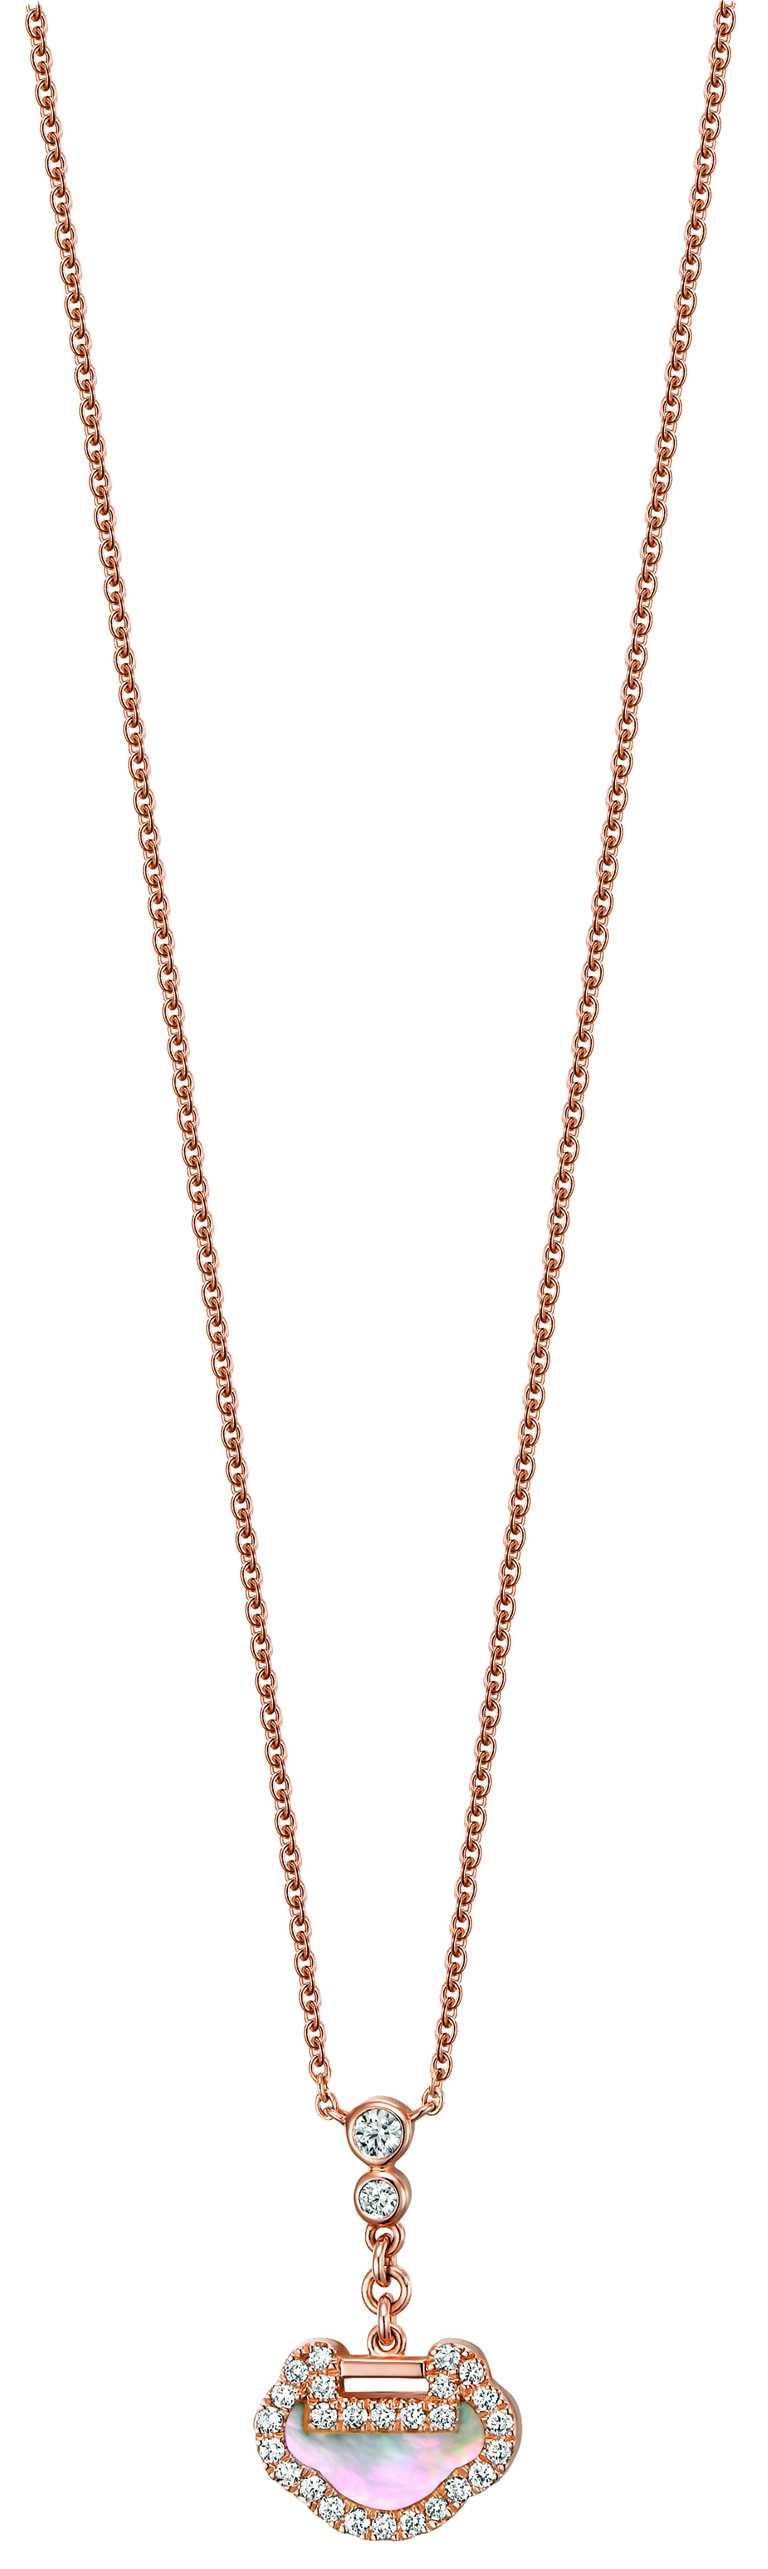 Qeelin「Petite Yu Yi系列」18K玫瑰金鑲鑽珍珠母貝項鍊╱50,000元。(圖╱Qeelin提供)